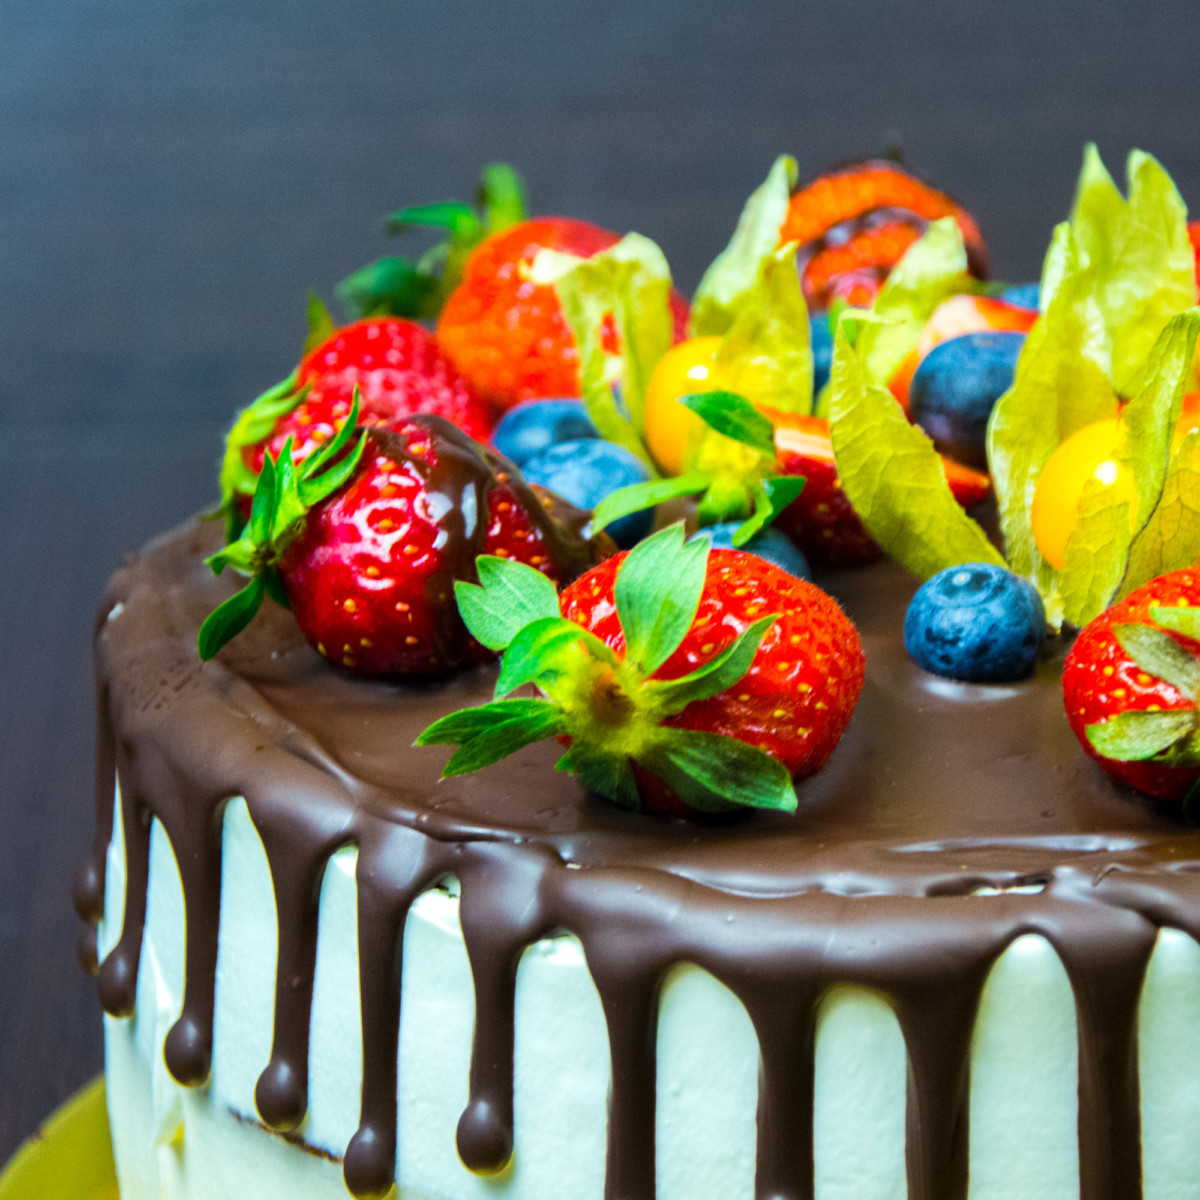 Украшение торта физалисом фото